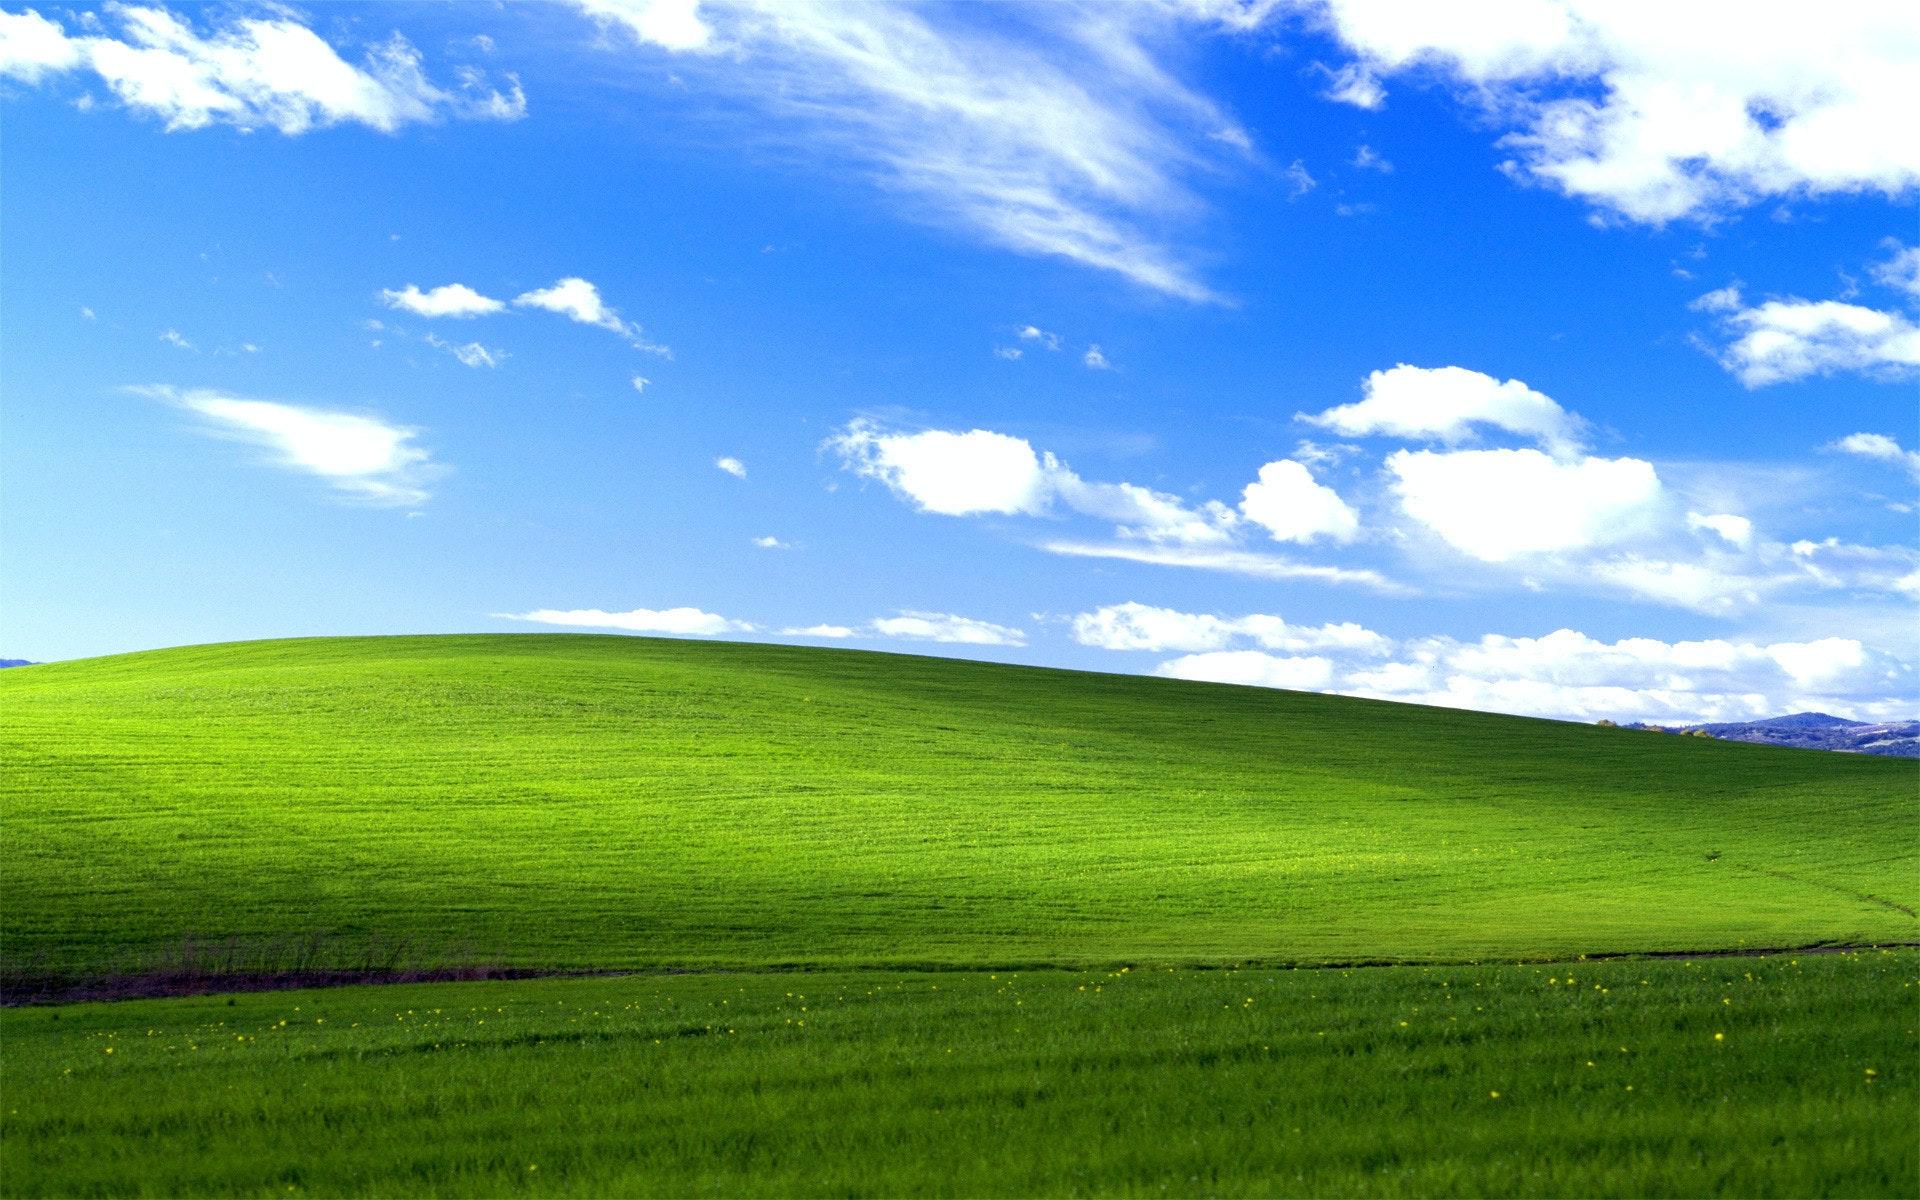 是微軟超佛!XP、Vista更新檔來了 不用怕WannaCry勒索病毒這篇文章的首圖